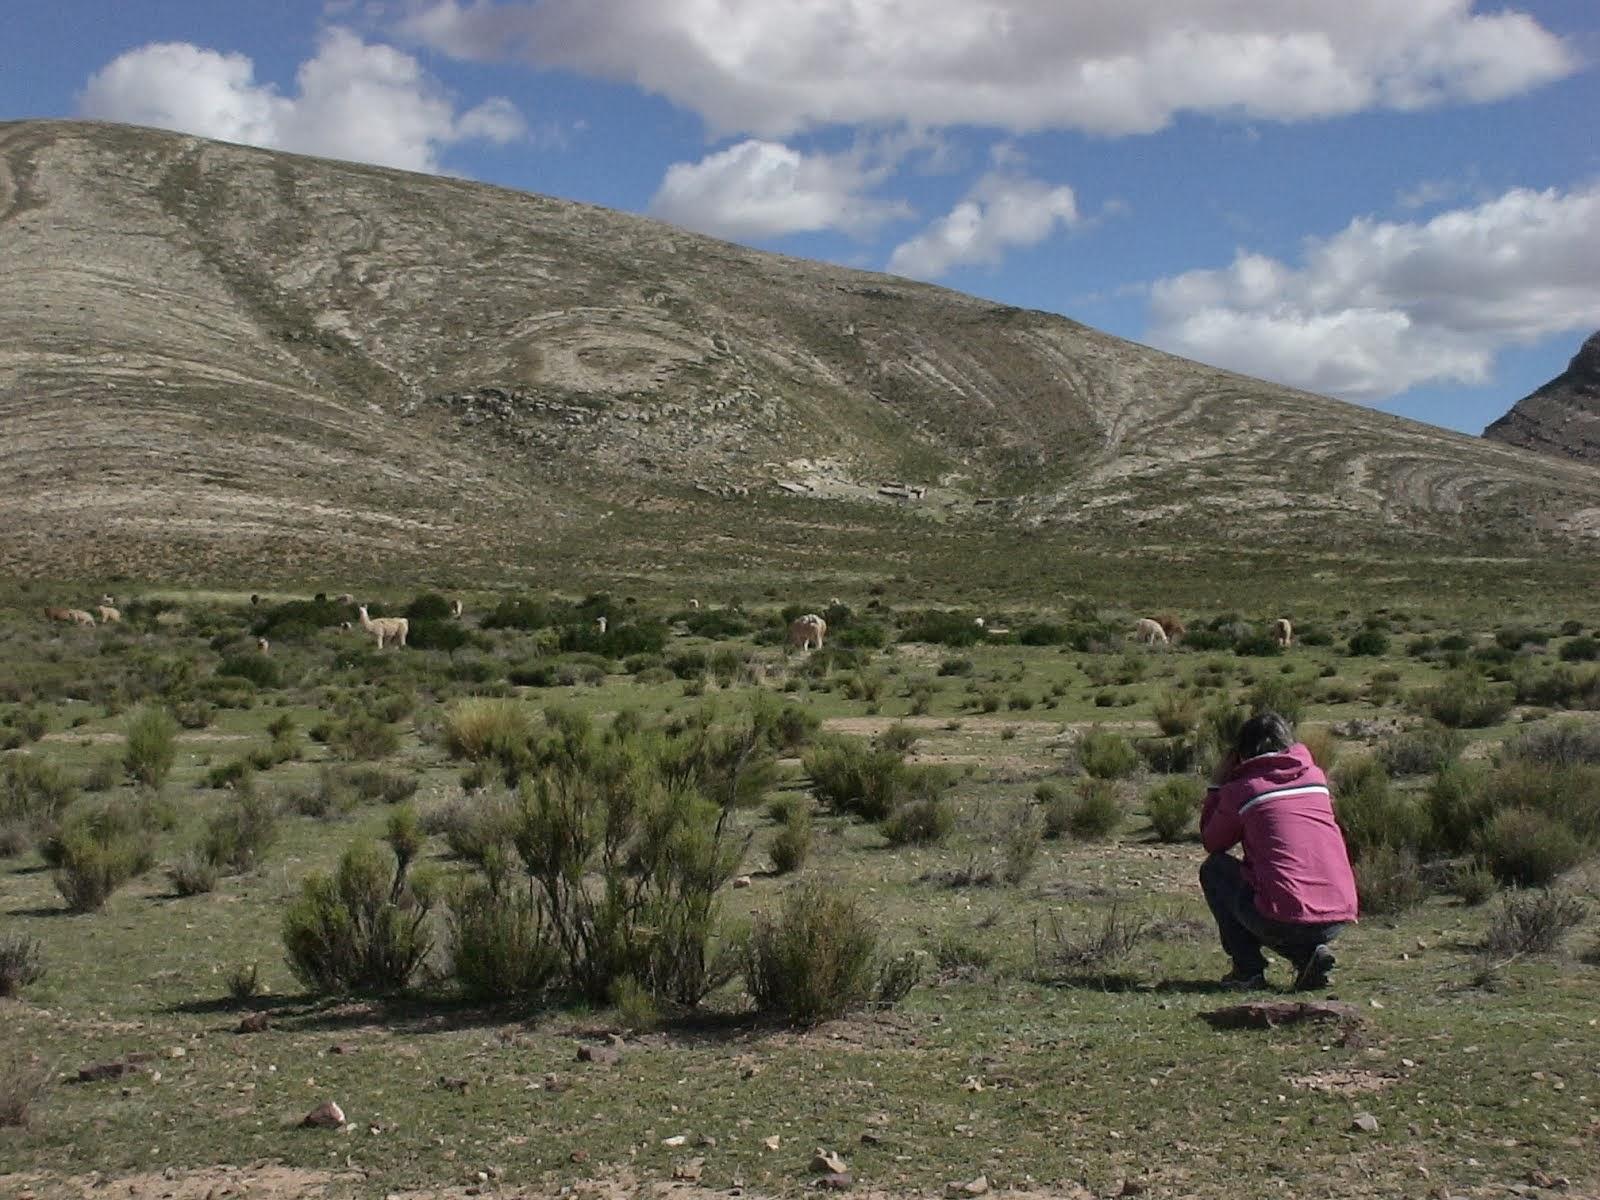 Fotografando Lhamas no Norte da Argentina